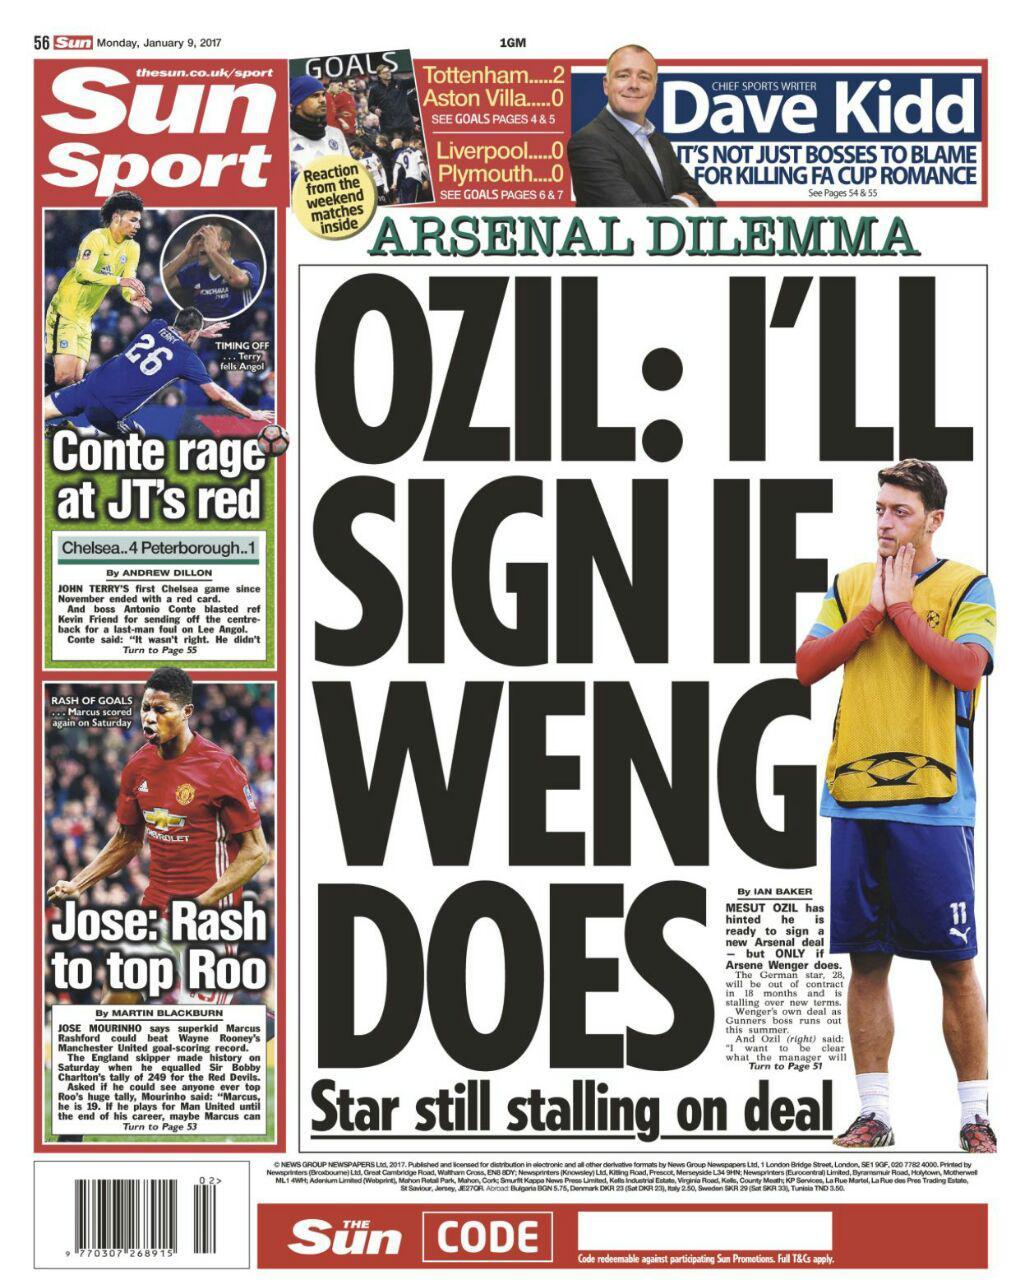 شرط عجیب اوزیل برای تمدید قرارداد با توپچی های لندنی / آمار جالب شش کارت قرمز اخیر چلسی